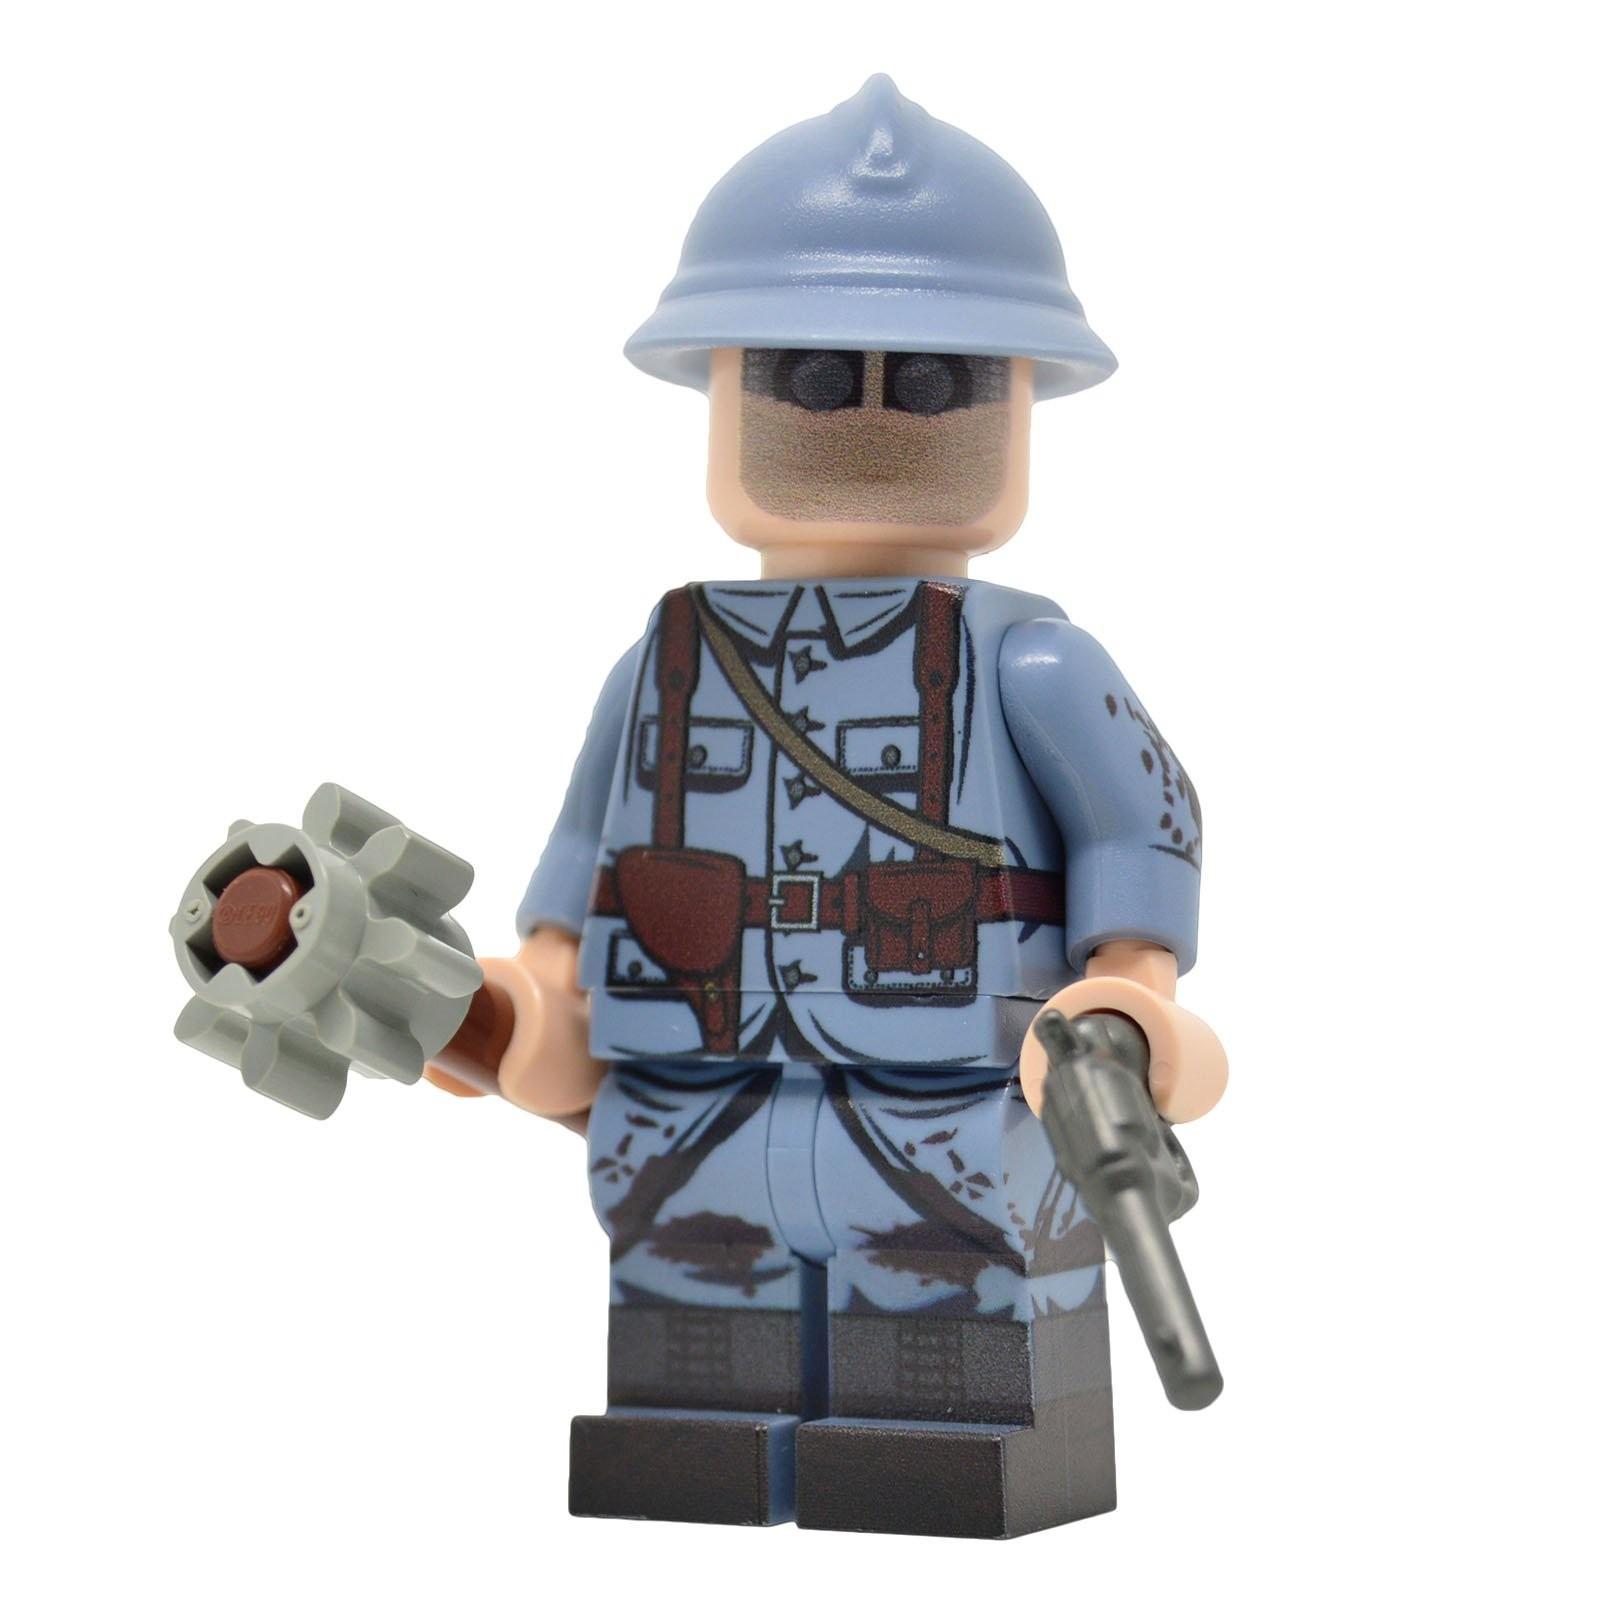 Lego militaire guerre mondiale WW2 casque arme minifig soldat armée Allemande